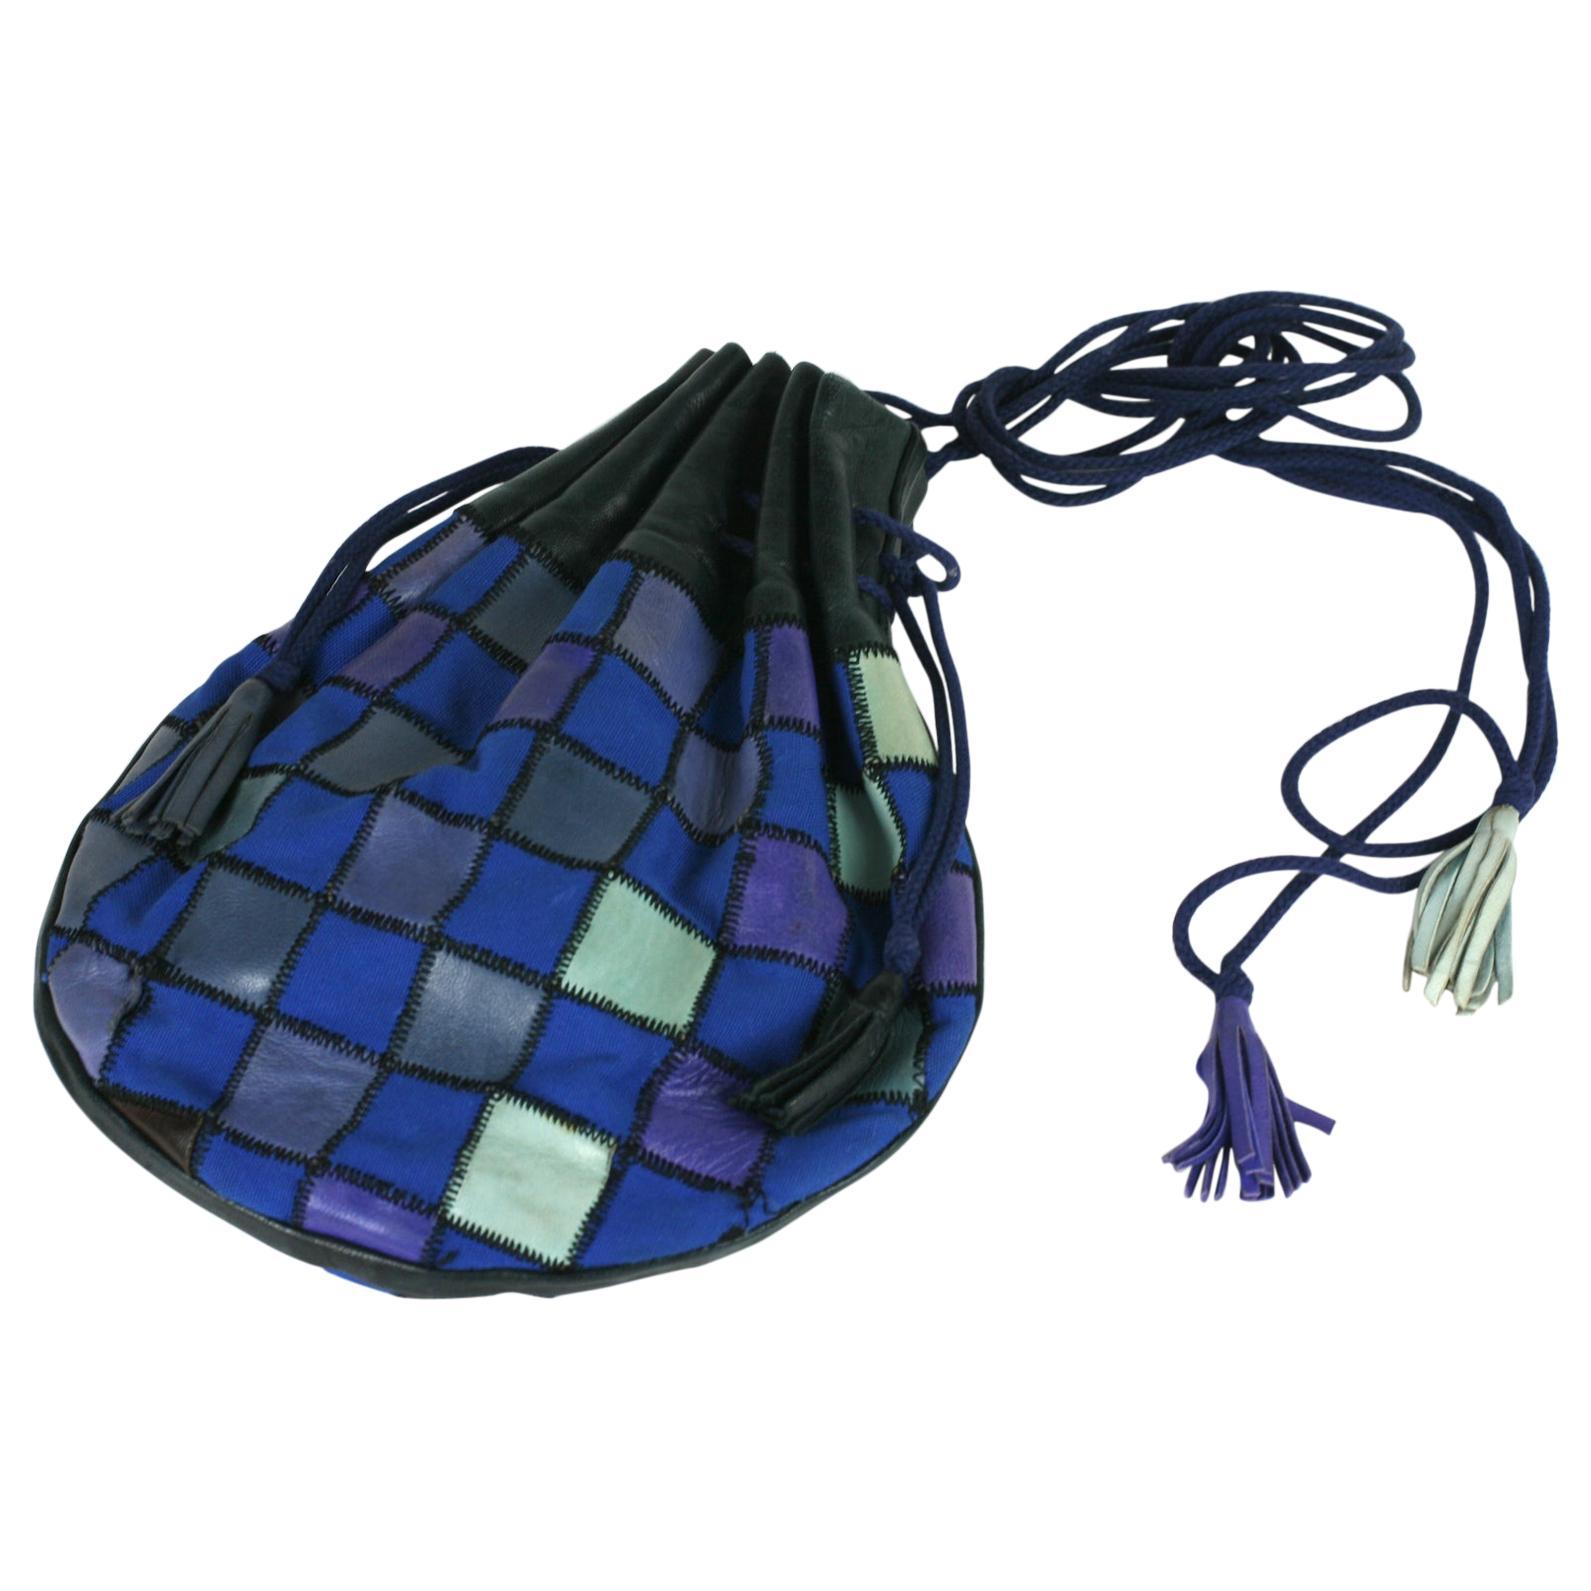 Yves Saint Laurent 1980's Patchwork Bag